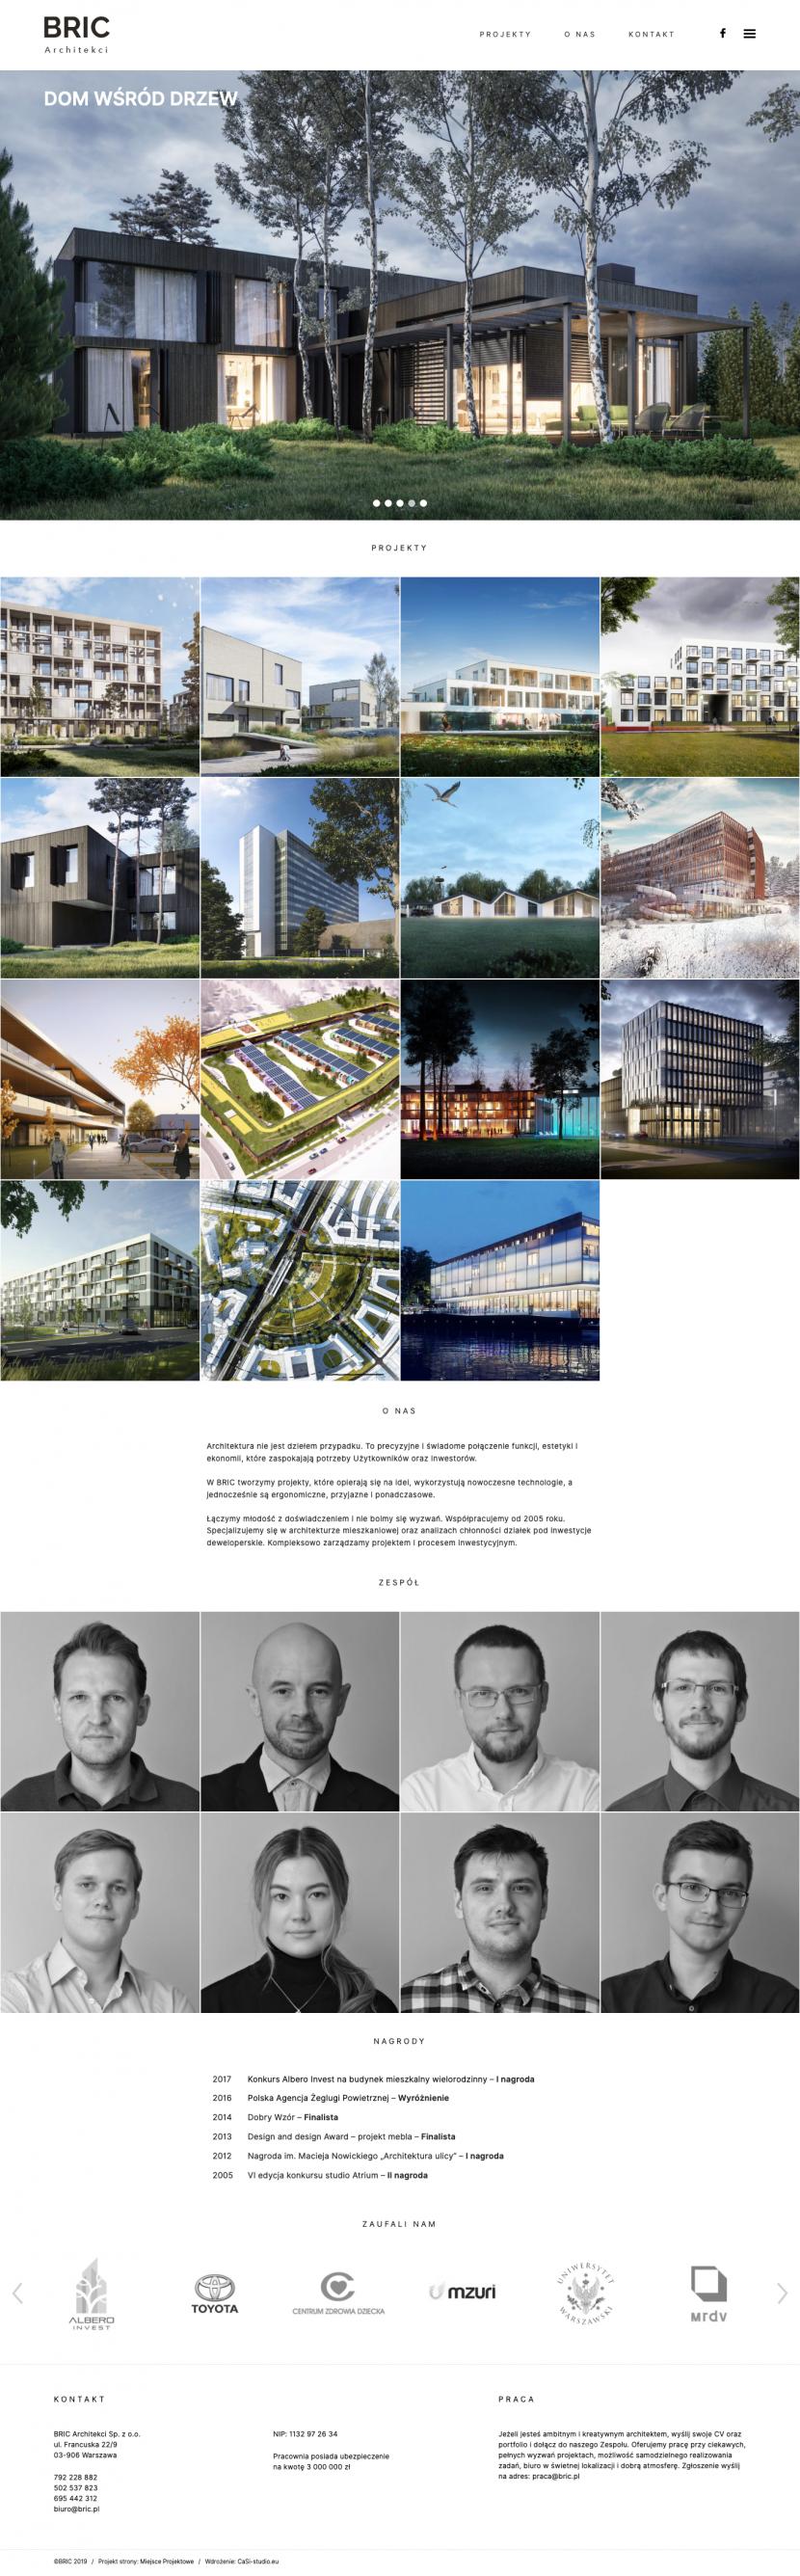 Strona główna - Wdrożenie strony internetowej zespołu Architektów – Bric